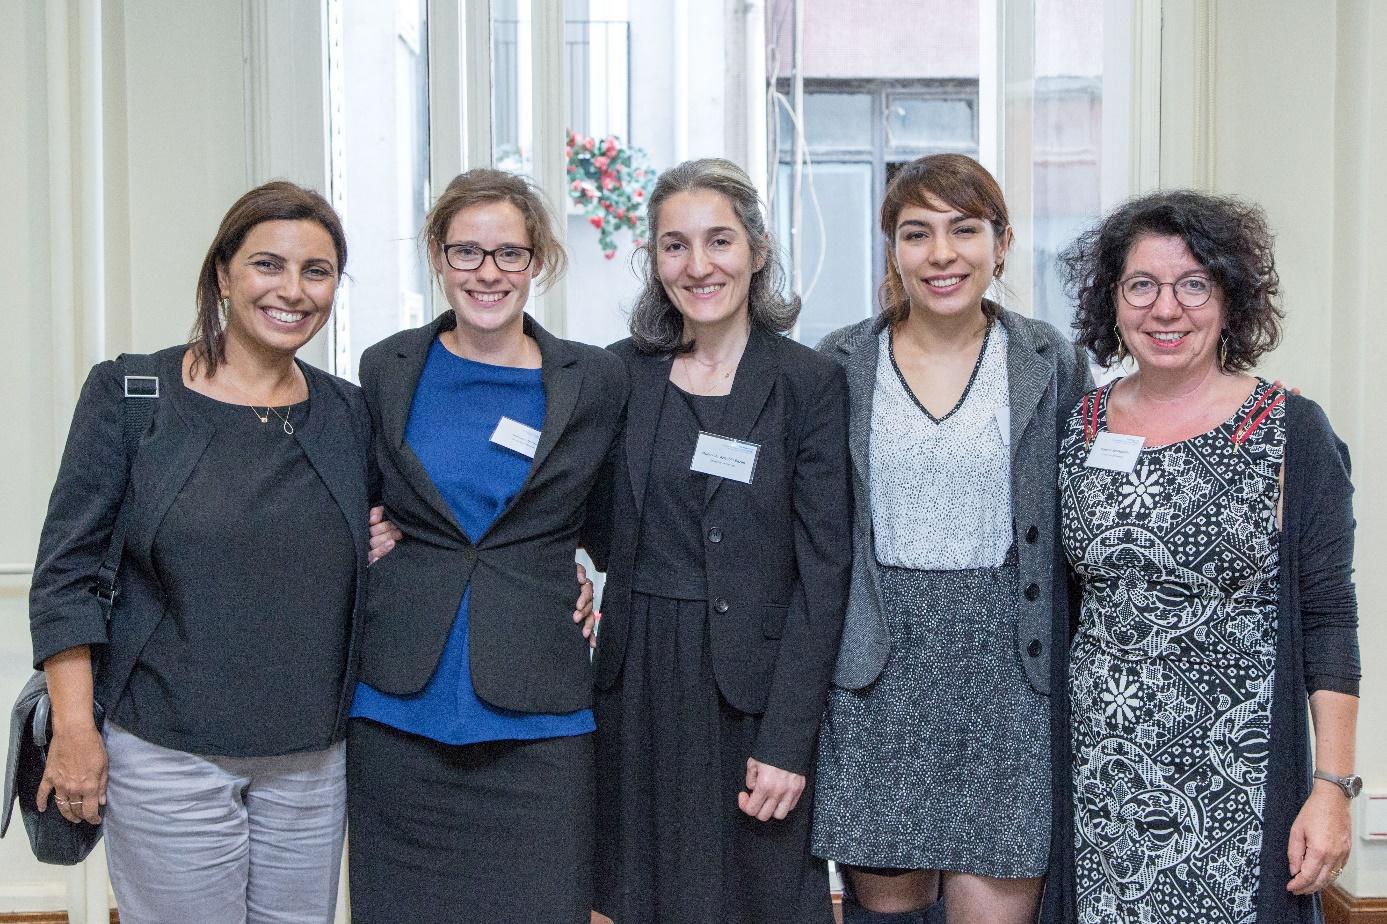 Das Forschungsteam, von links: Sevgi Ucan-Cubukcu, Charlotte Binder, Münevver Azizoğlu-Bazan, Aslı Polatdemir, Yasemin Karakaşoğlu